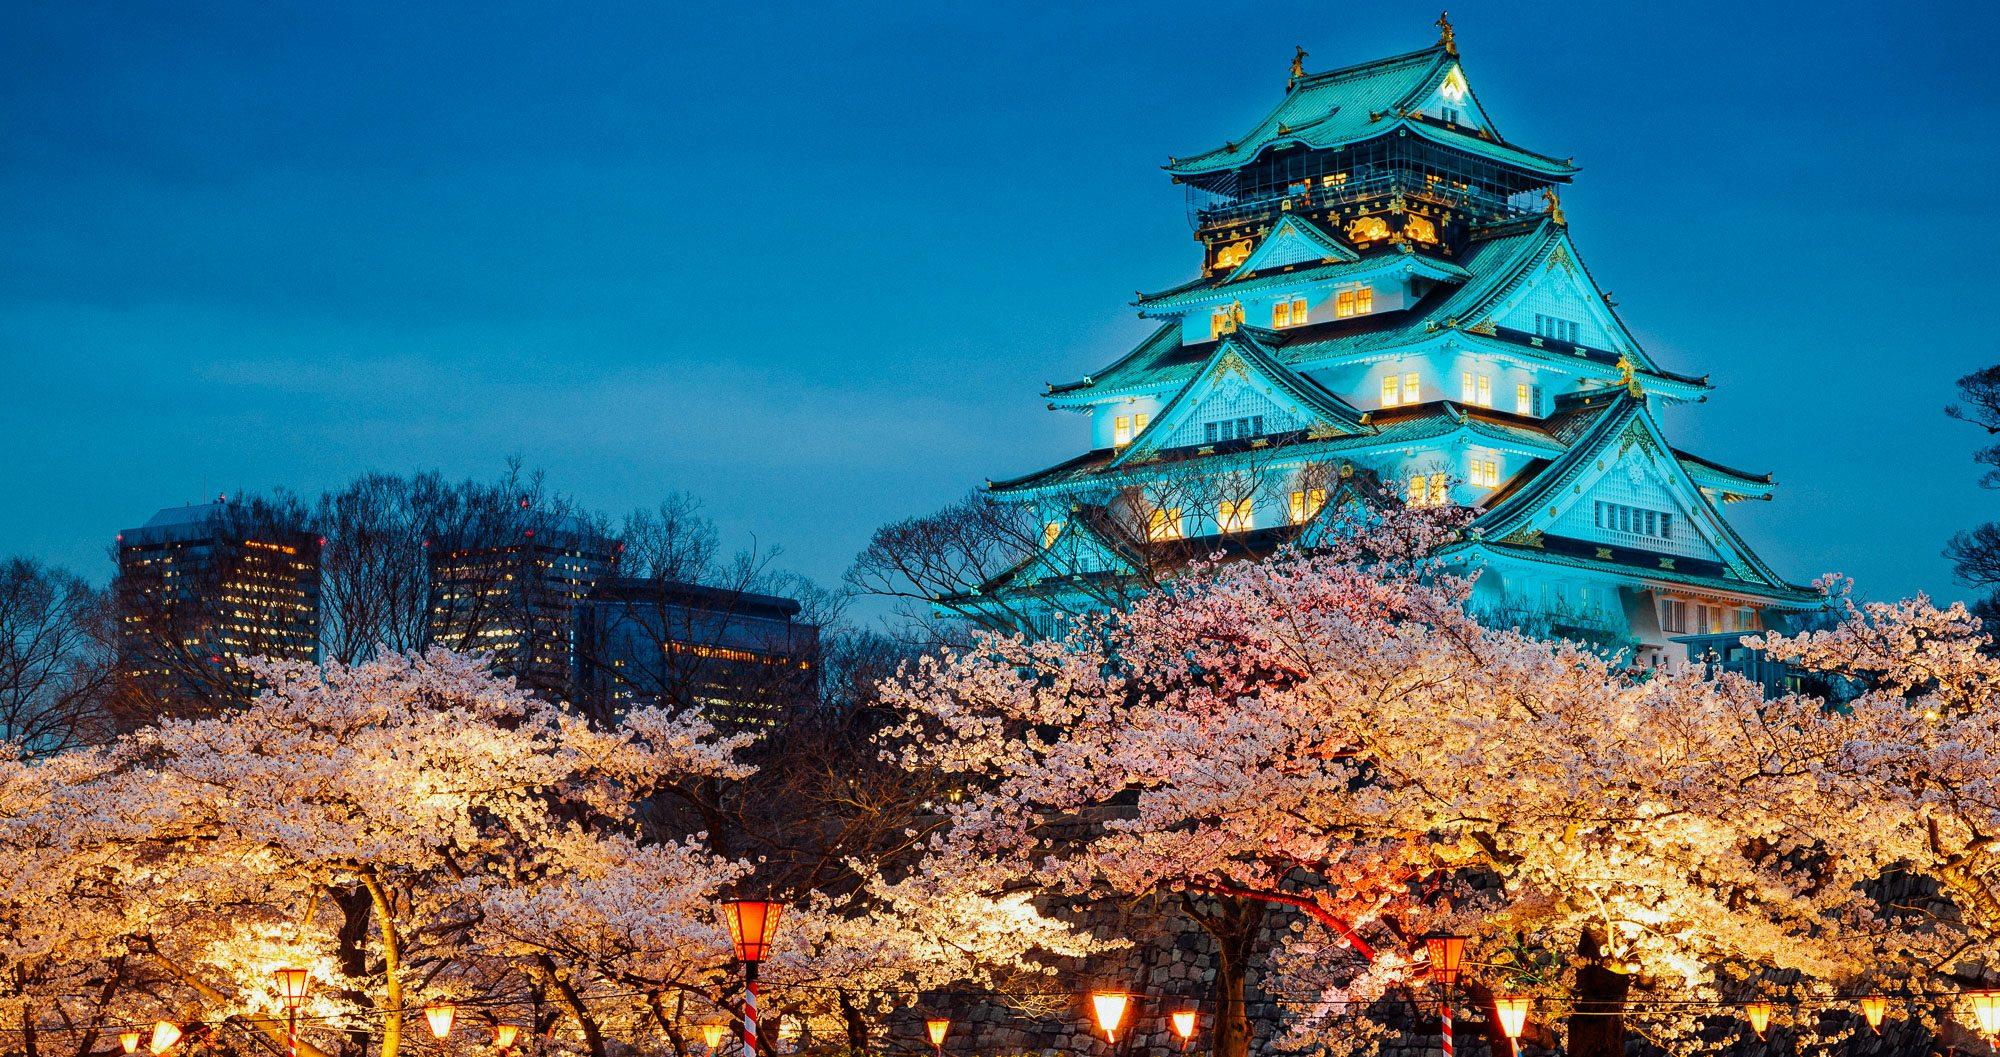 A pagoda illuminated at night, behind some cherry blossom trees in Osaka, Japan